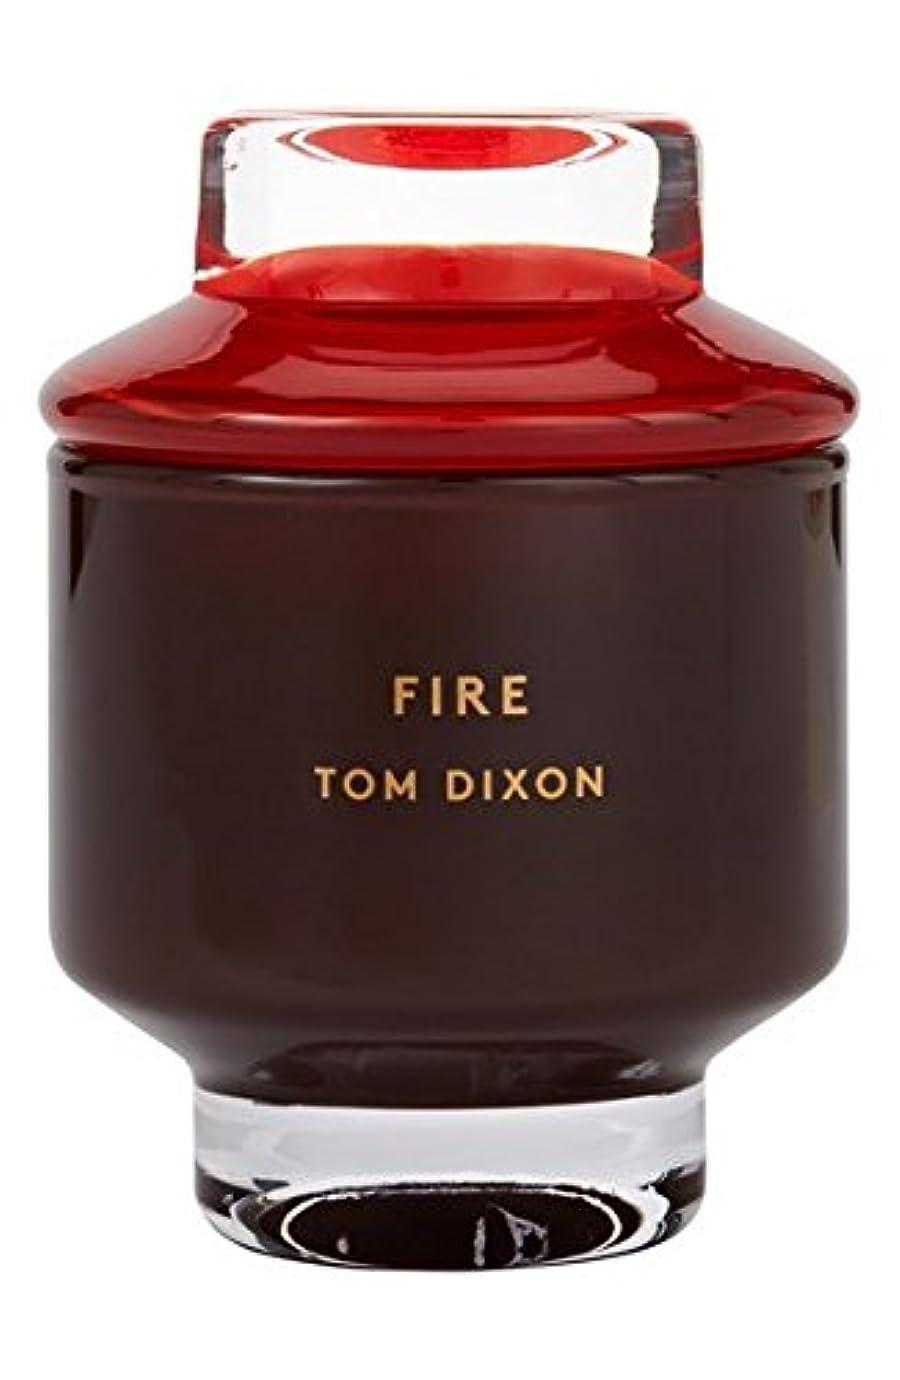 化粧気づくアレキサンダーグラハムベルTom Dixon 'Fire' Candle (トム ディクソン 'ファイヤー' キャンドル大) Large